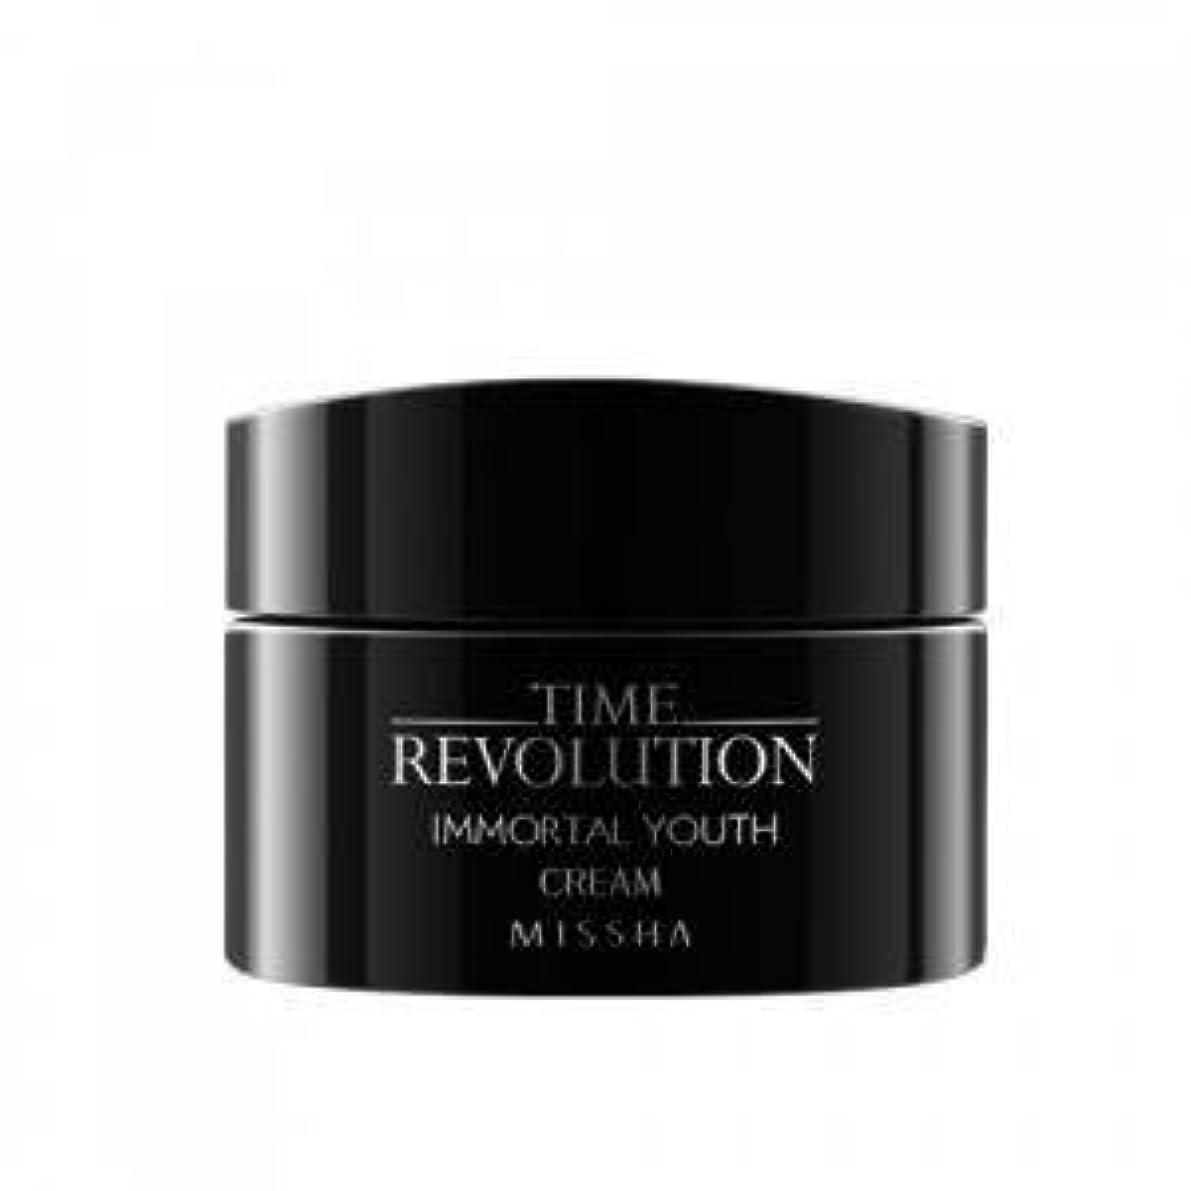 靄損失許容【MISSHA (ミシャ)】 Time Revolution Immortal Youth Cream タイムレボリューション イモータルユース クリーム